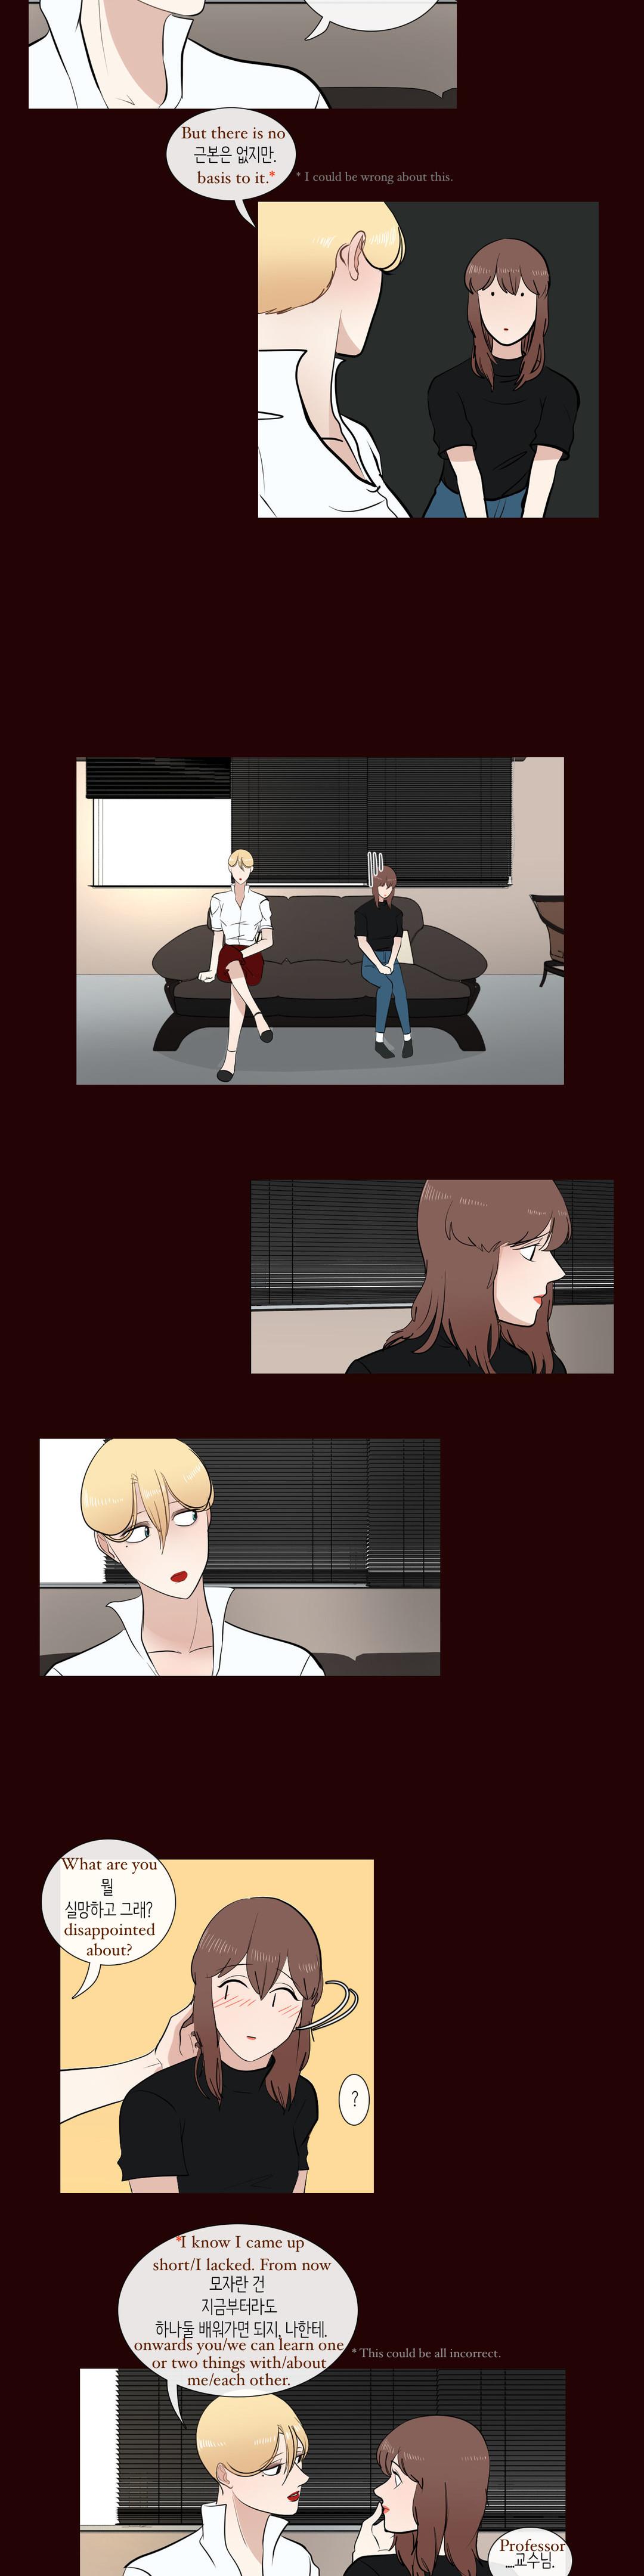 Serenade (keum Kyesoo) - Chapter 44